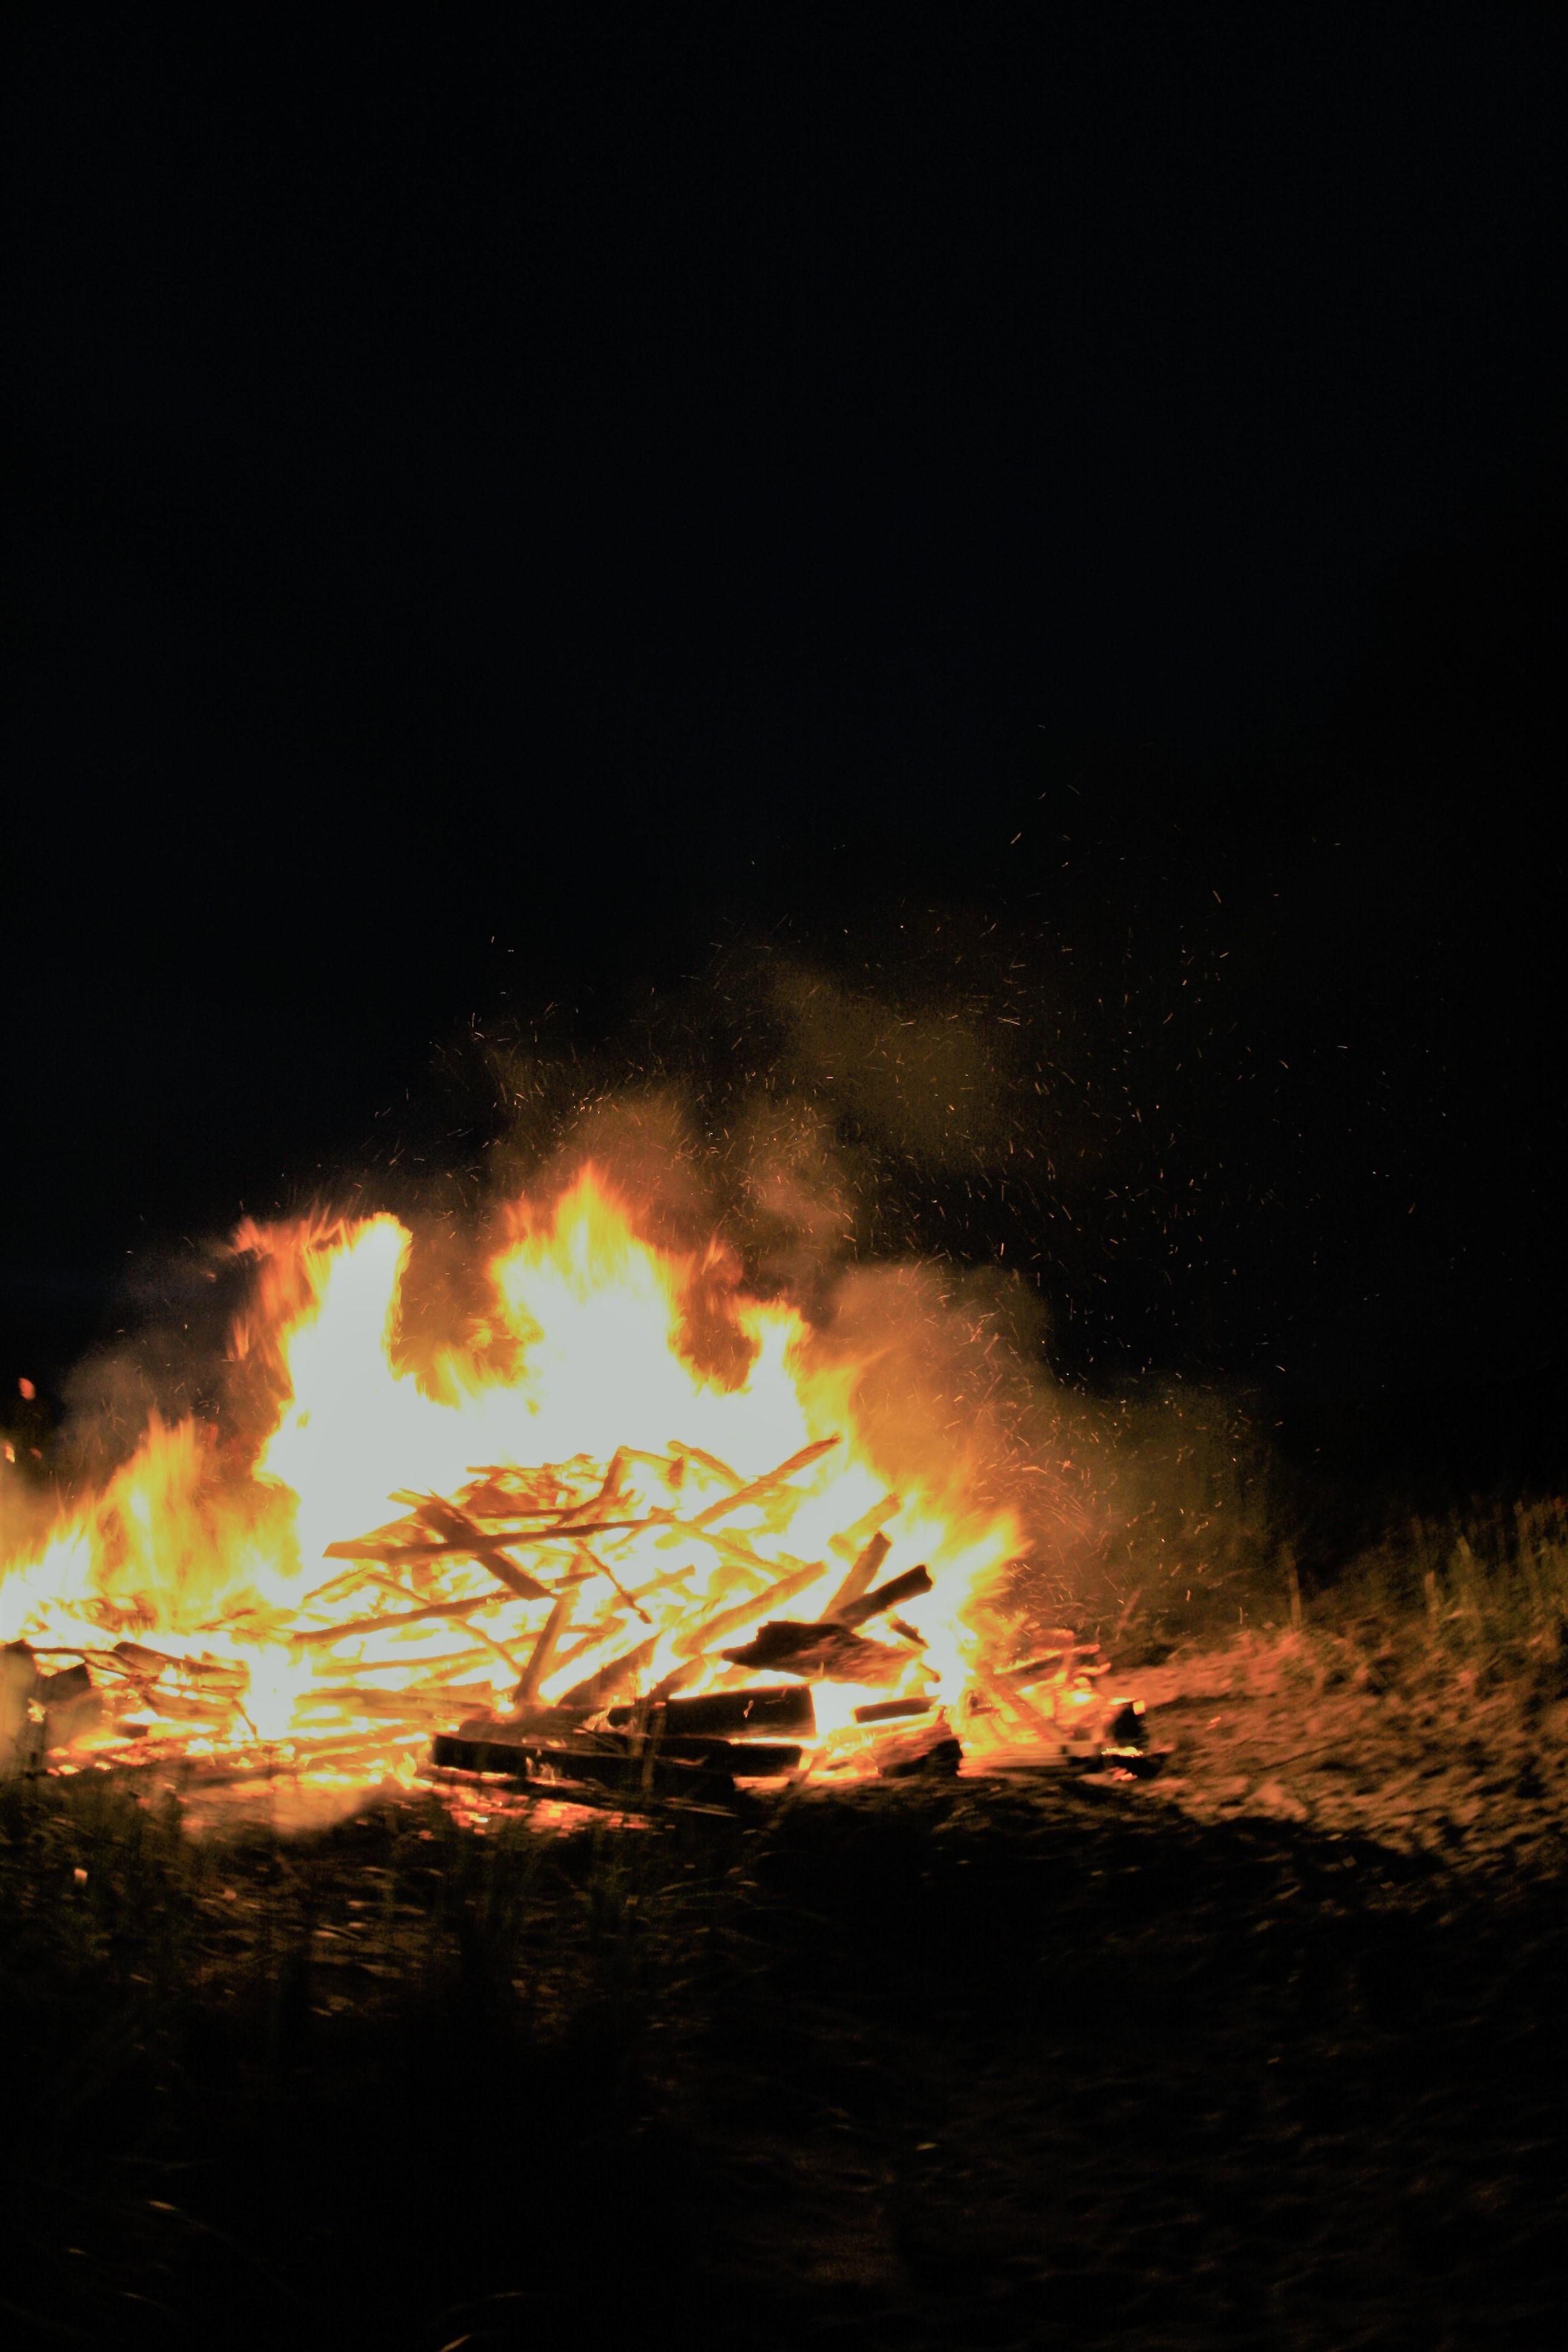 DM_nature_fire_609